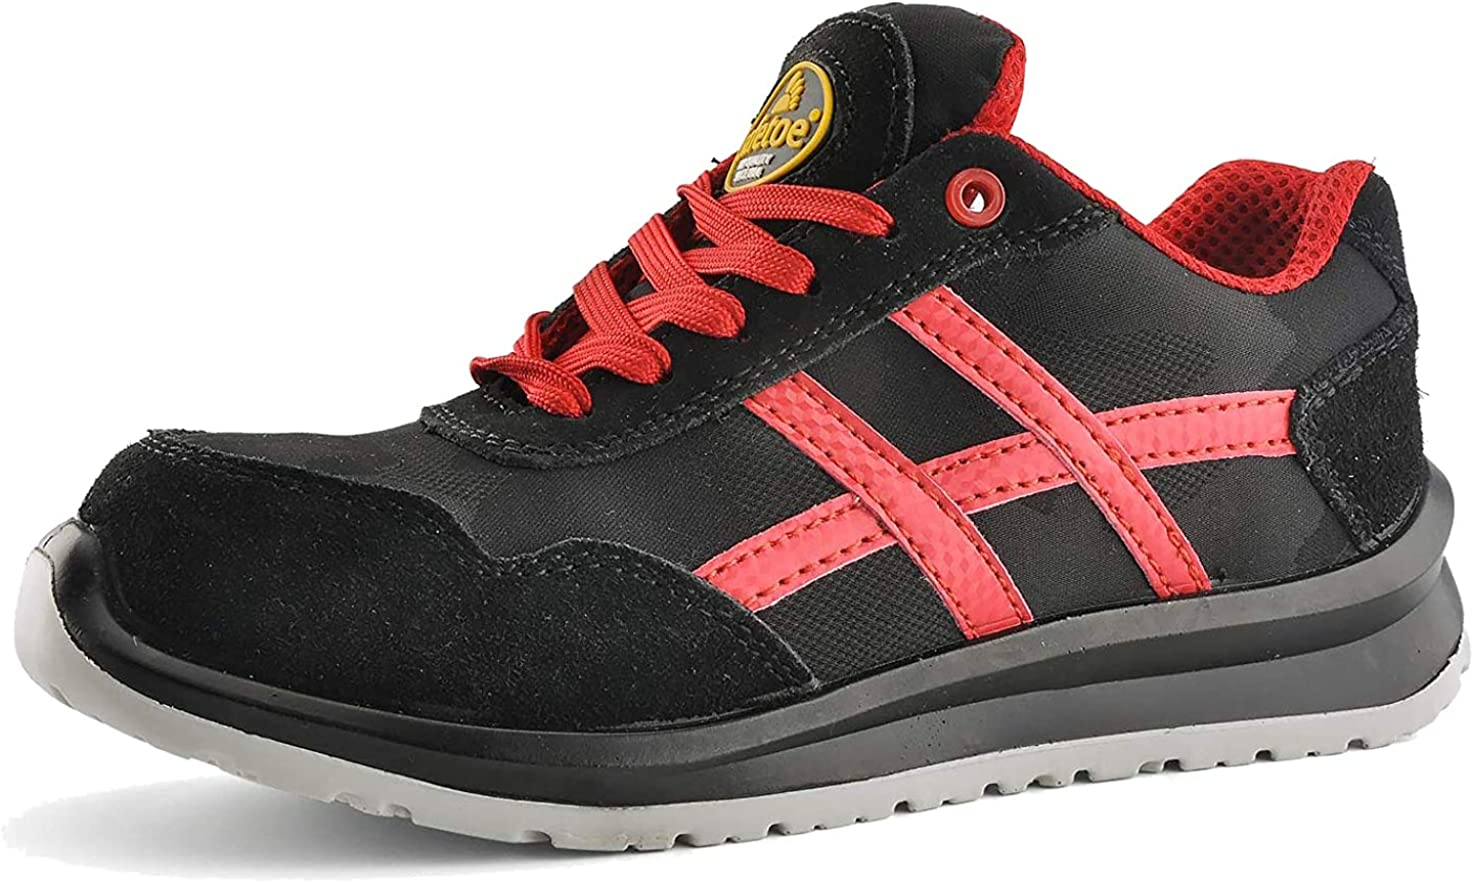 Zapatos de Seguridad Deportivos Ultra-Ligeros - SAFETOE 7329 Calzado de Seguridad Hombre Trabaja con Tus pies Bien protegidos